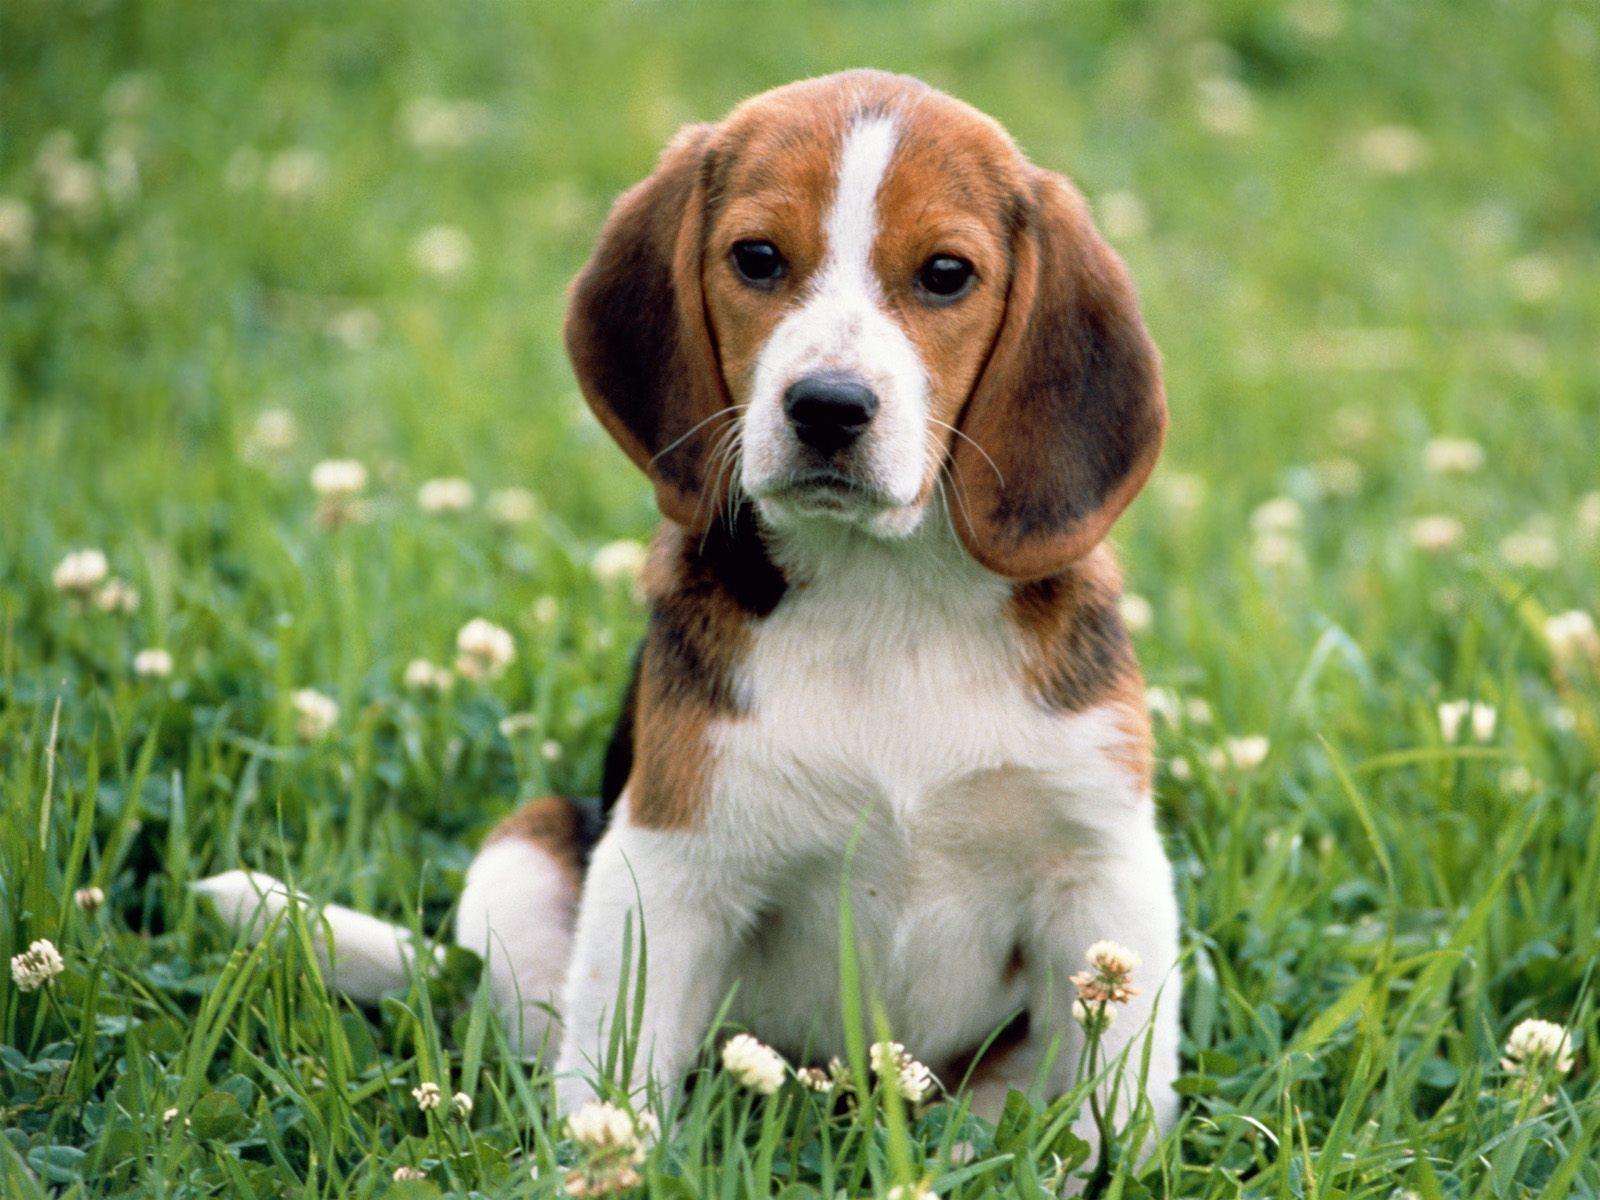 Beagle Beagle Beagle Beagle Beagle Beagle Beagle Beagle